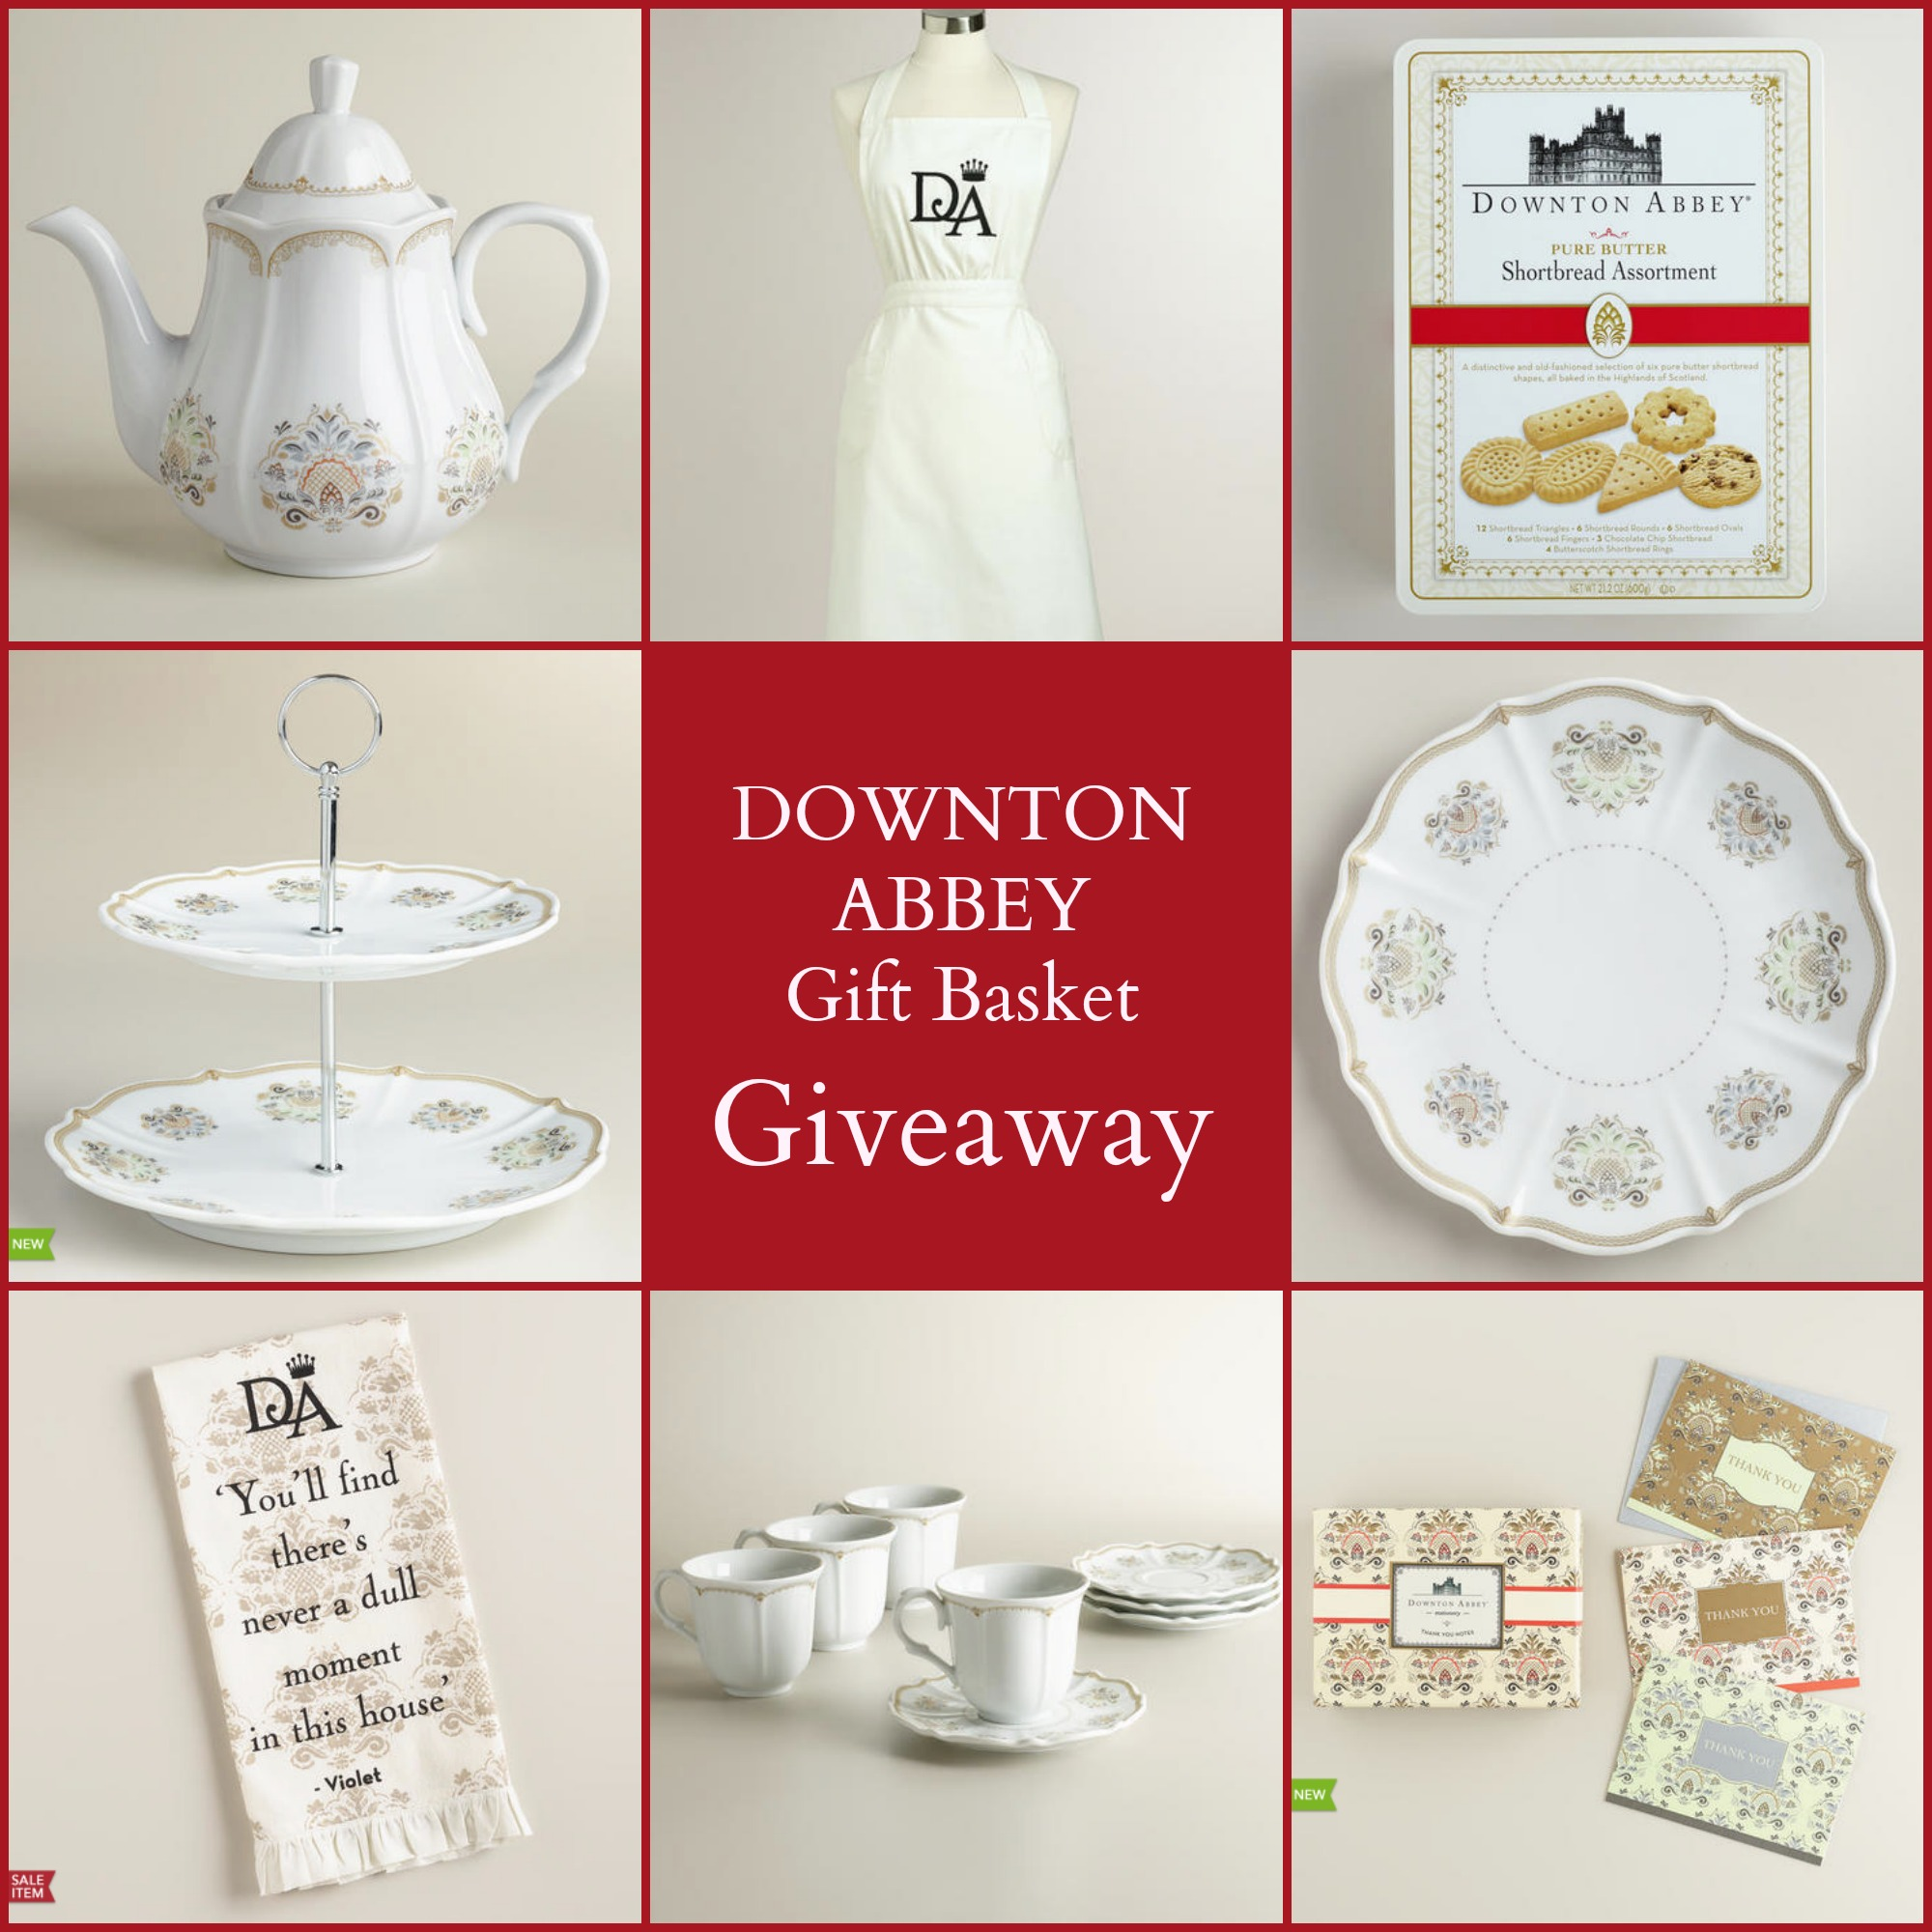 Downton Abbey TT Giveaway